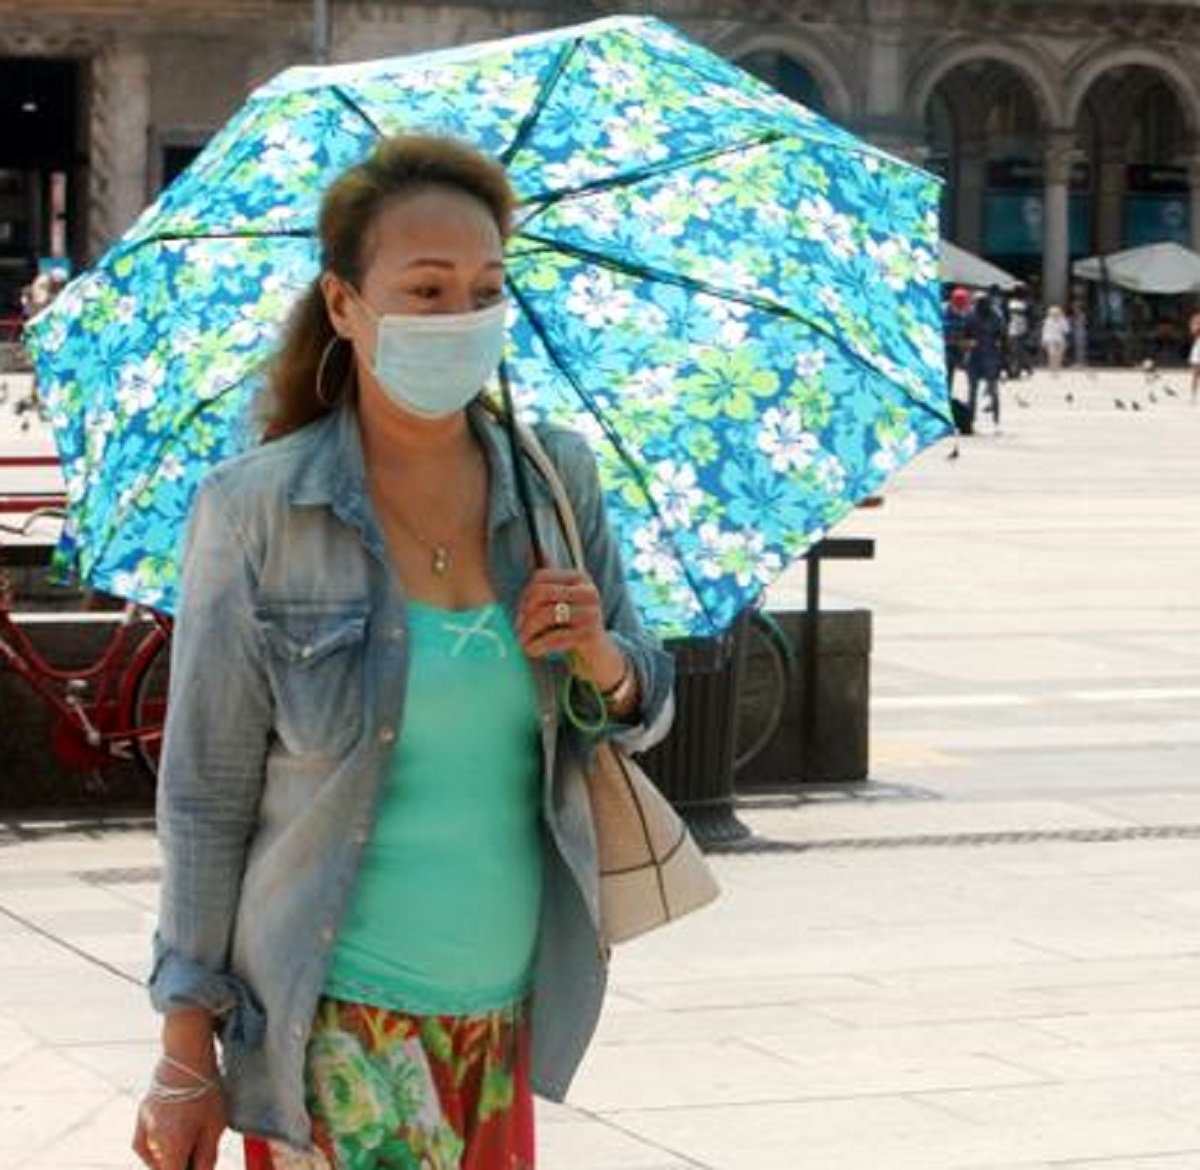 Meteo Italia cappa attenzione caldo temporali